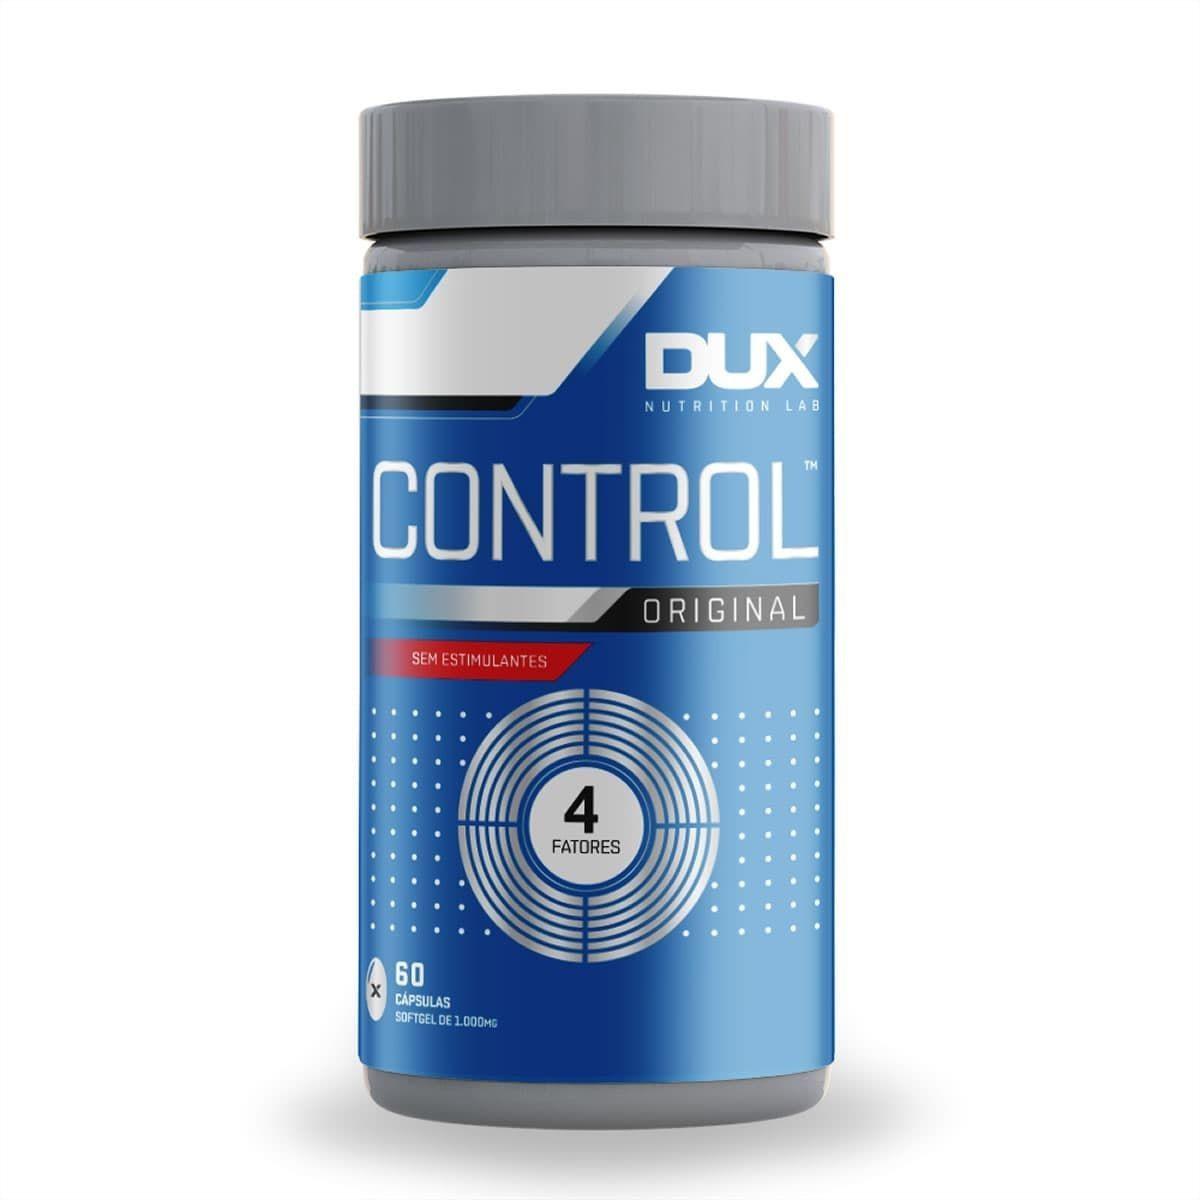 Control Original Dux - 60 Cápsulas